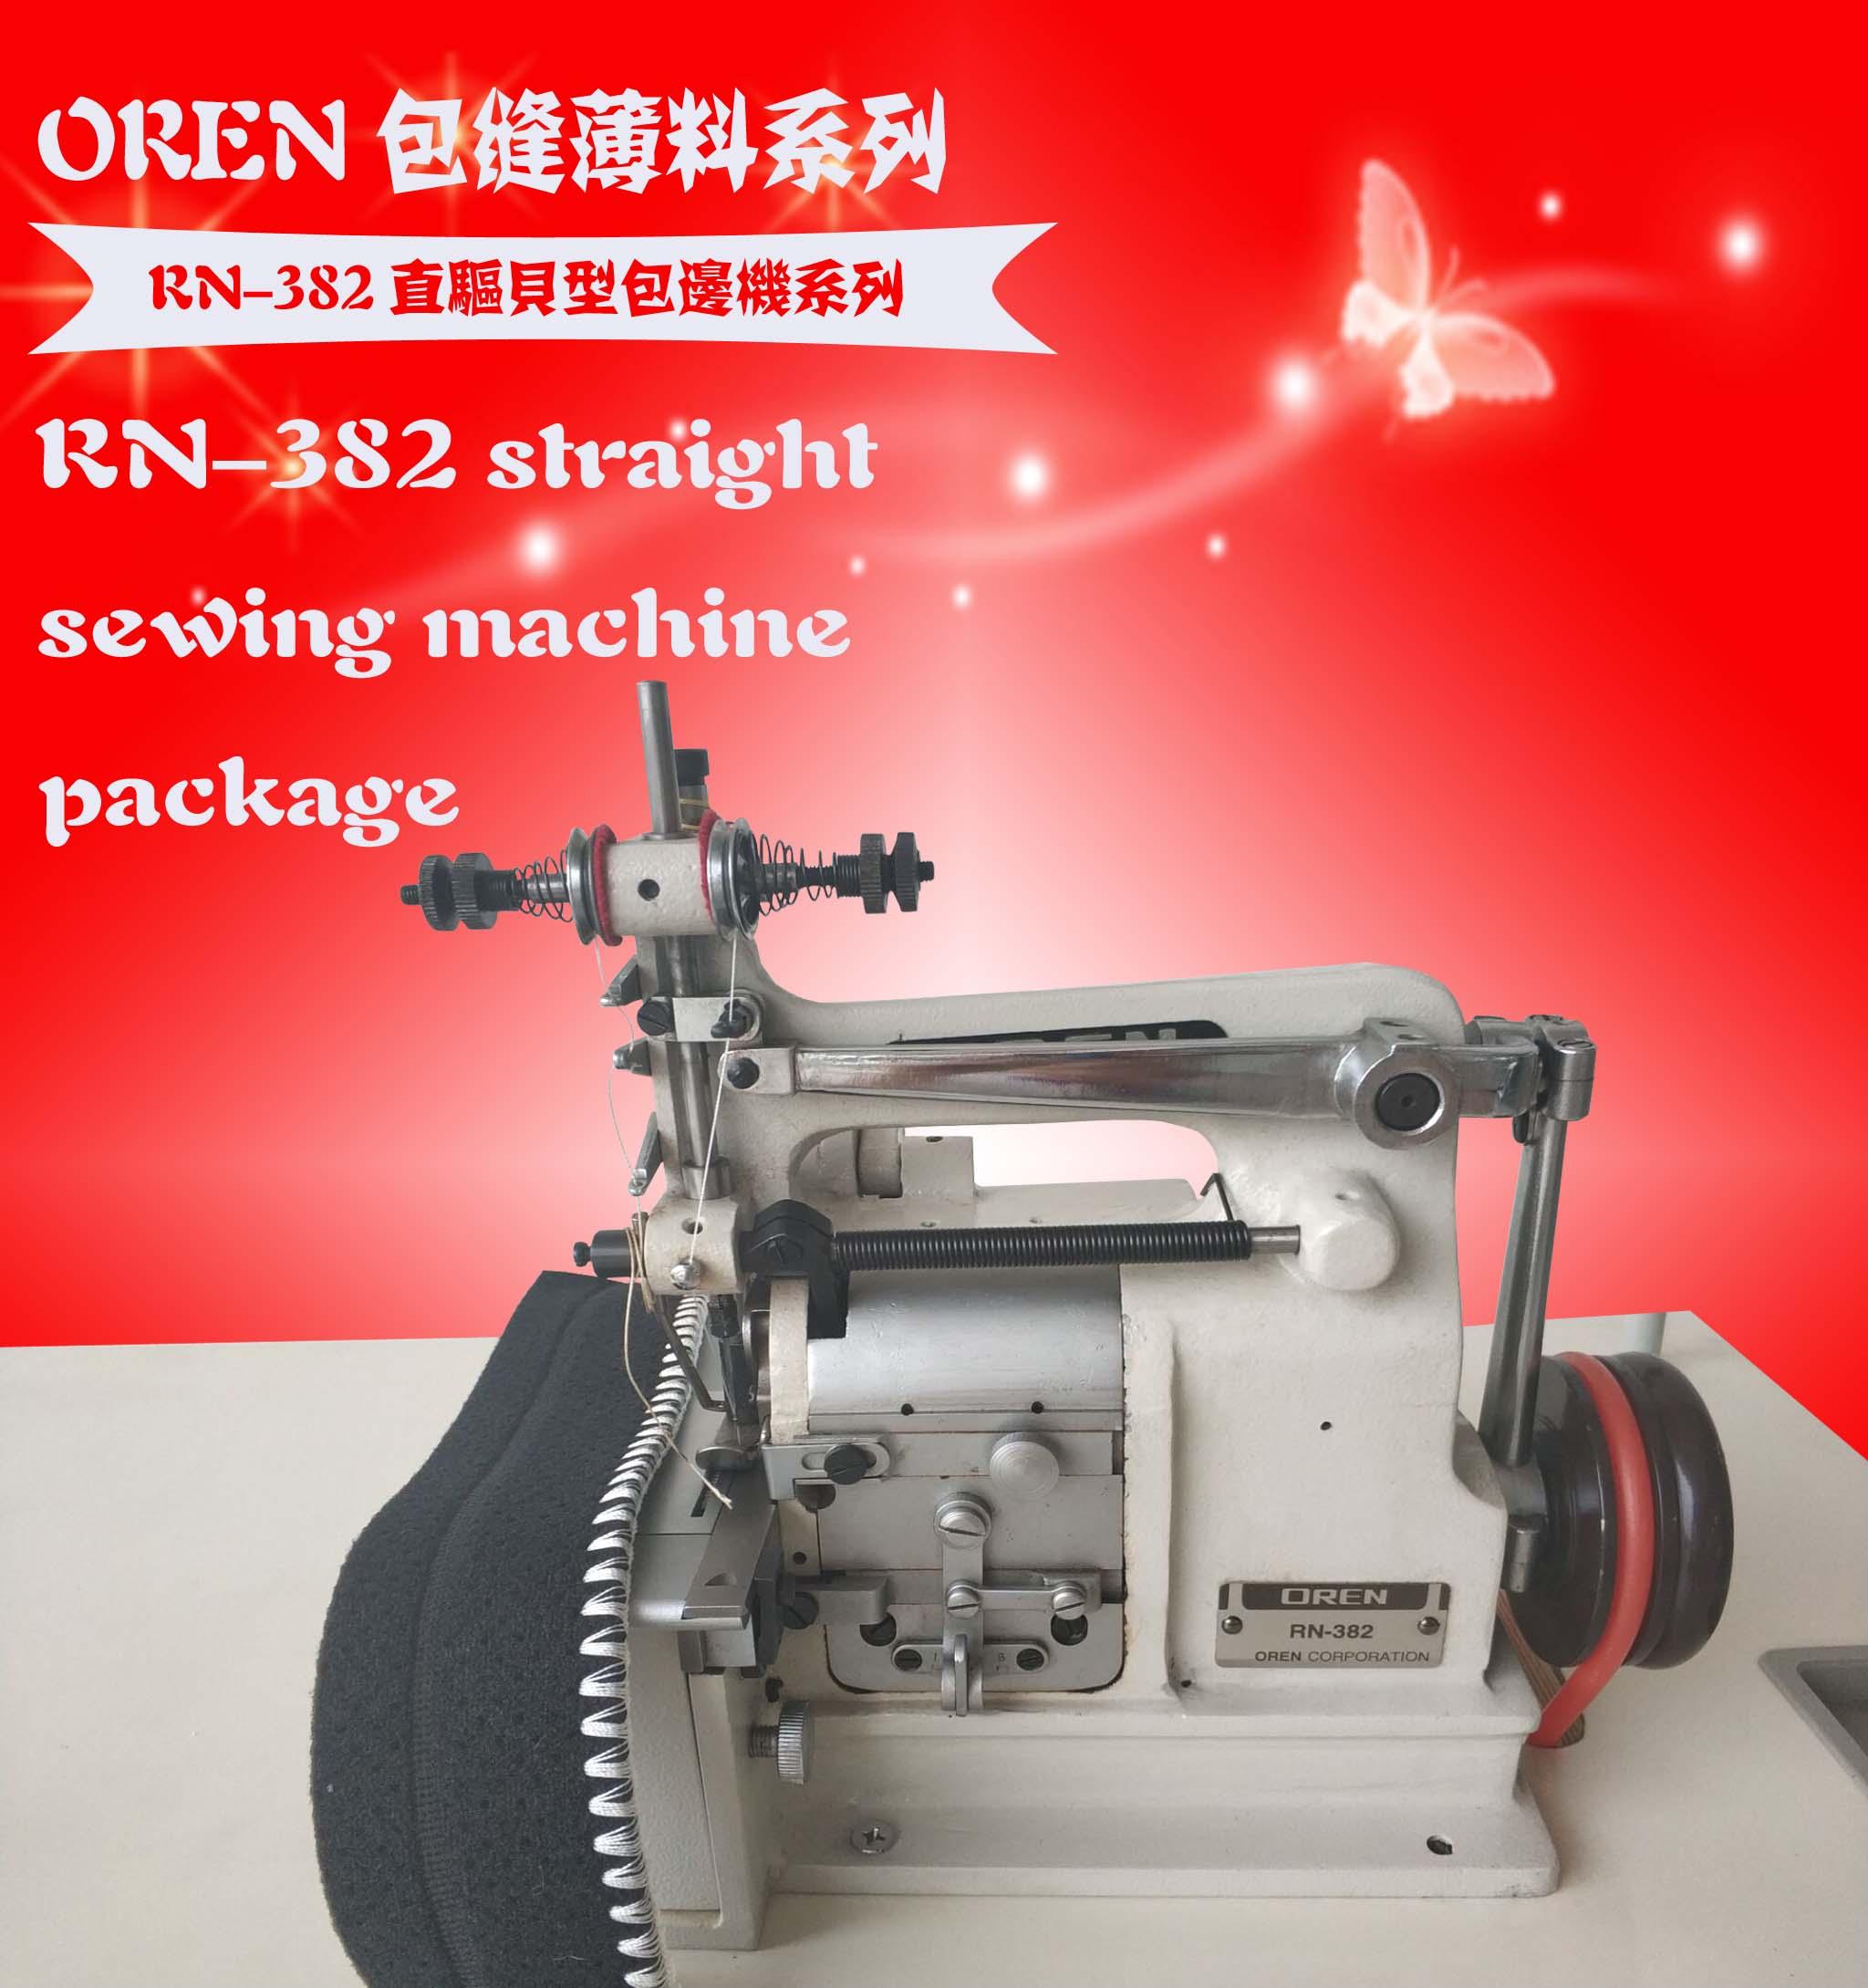 奥玲RN-382贝型机生产厂商工业专用车服装装饰花边机进口缝纫机